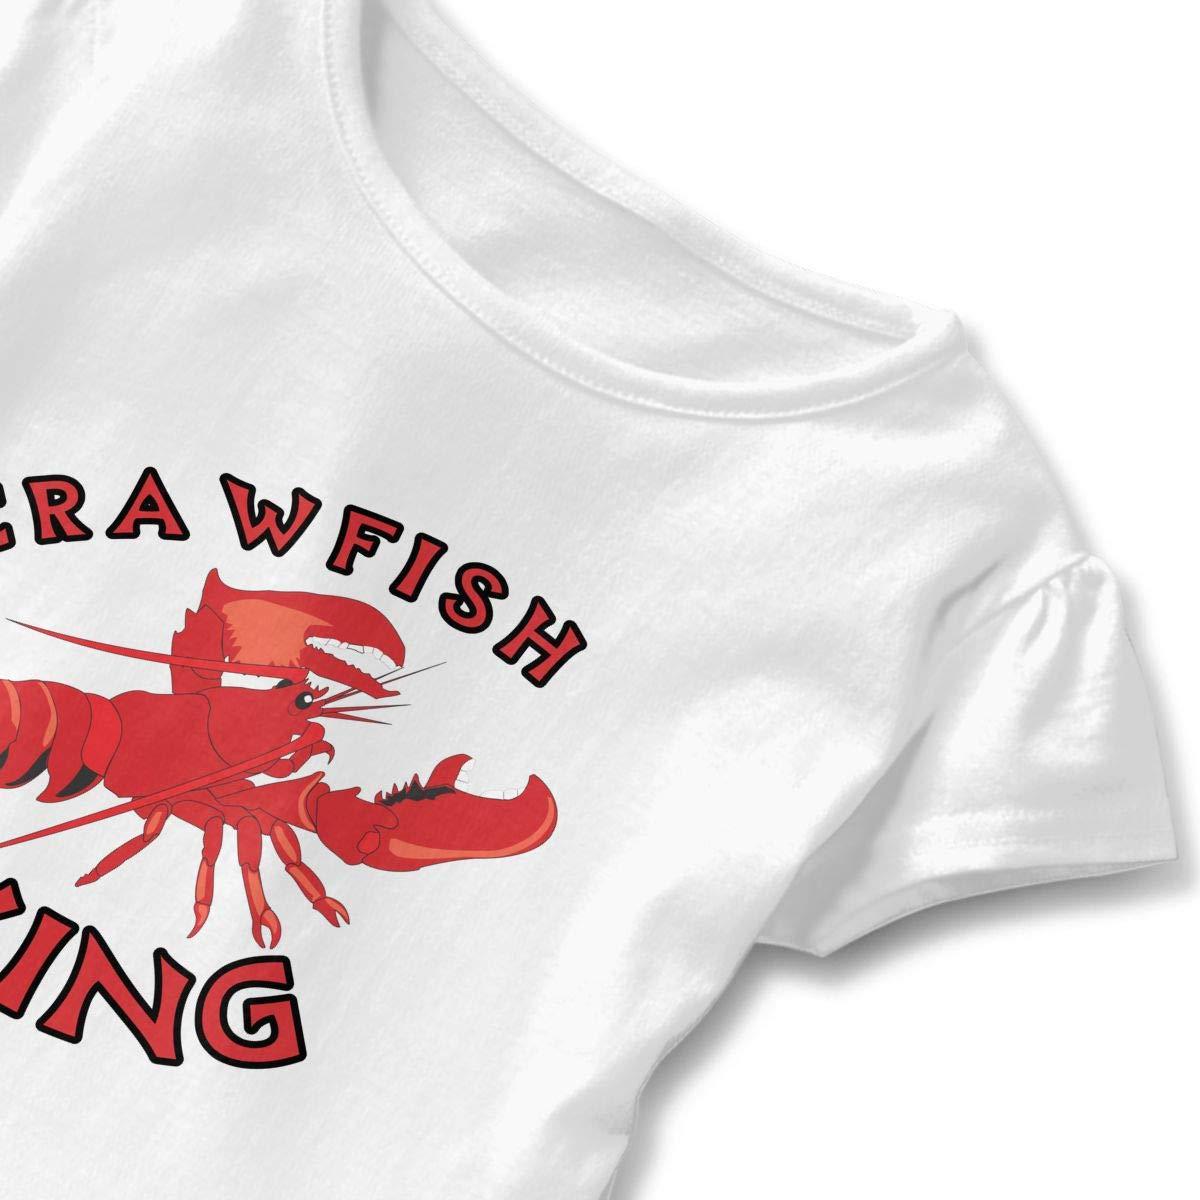 Crawfish King Toddler Baby Girls Short Sleeve Ruffle T-Shirt